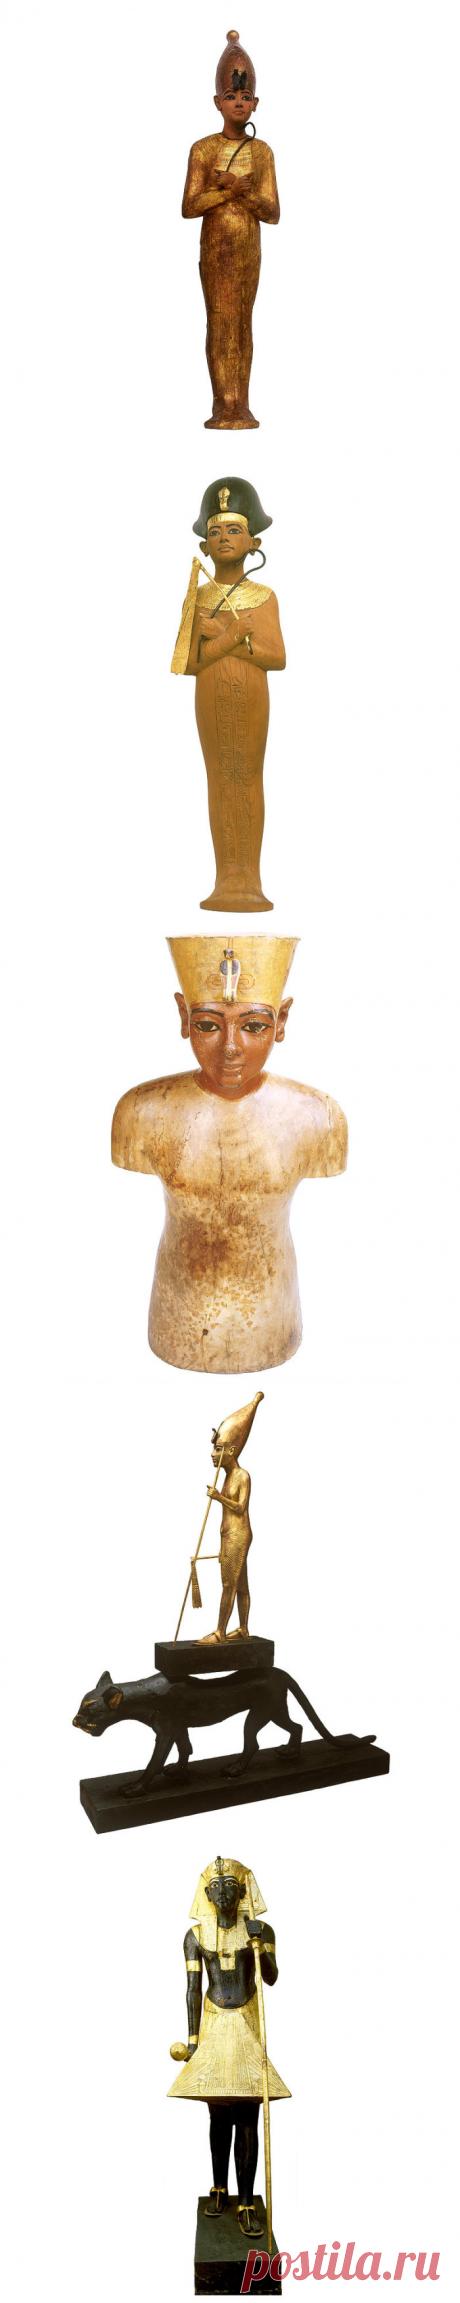 26 вещей из сокровищницы в гробнице фараона Тутанхамона, которые удивили ученых (Часть 2)